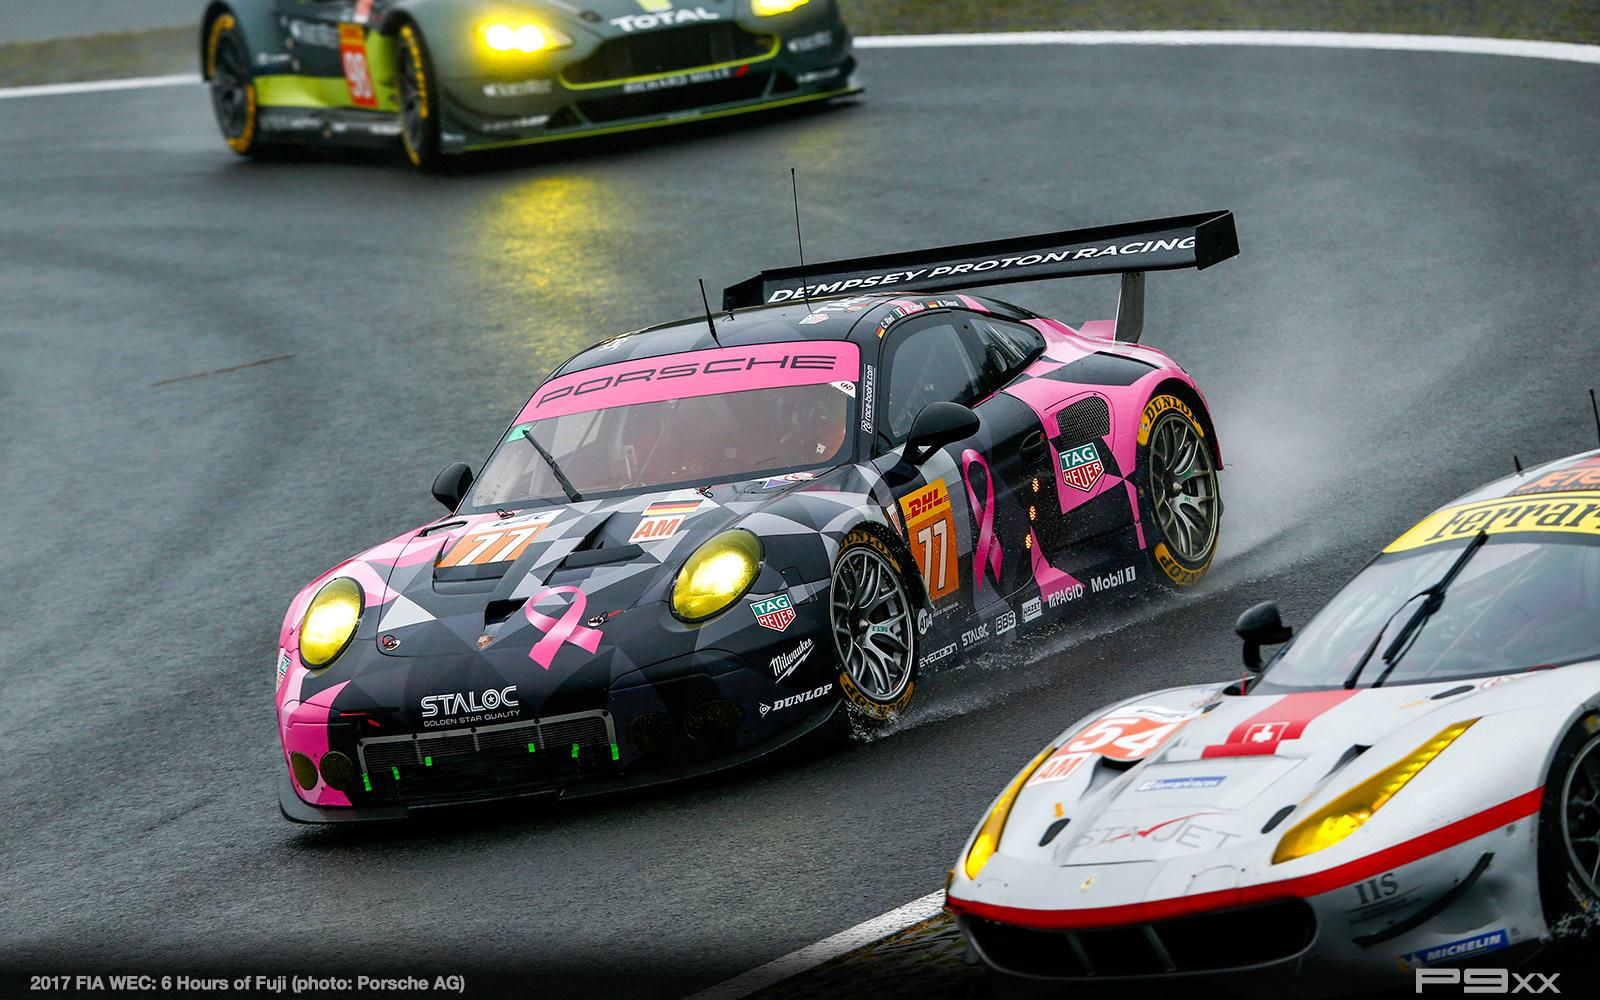 2017-FIA-WEC-6h-of-Fuji-Porsche-497